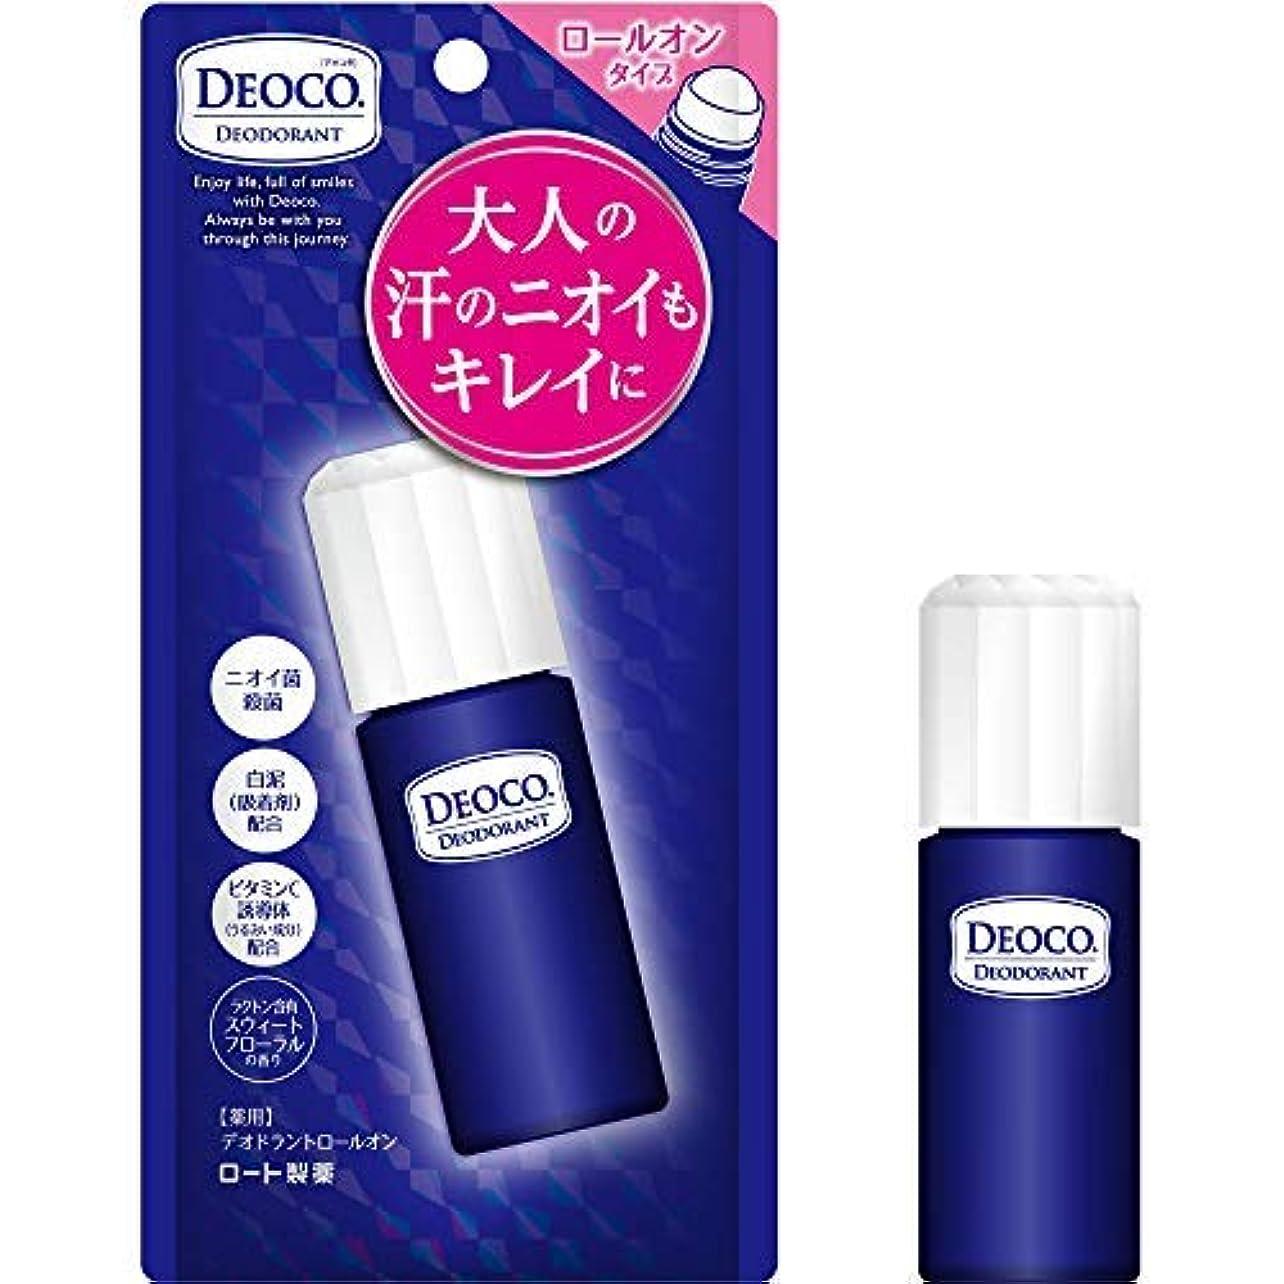 デオコ 薬用デオドラントロールオン × 2個セット